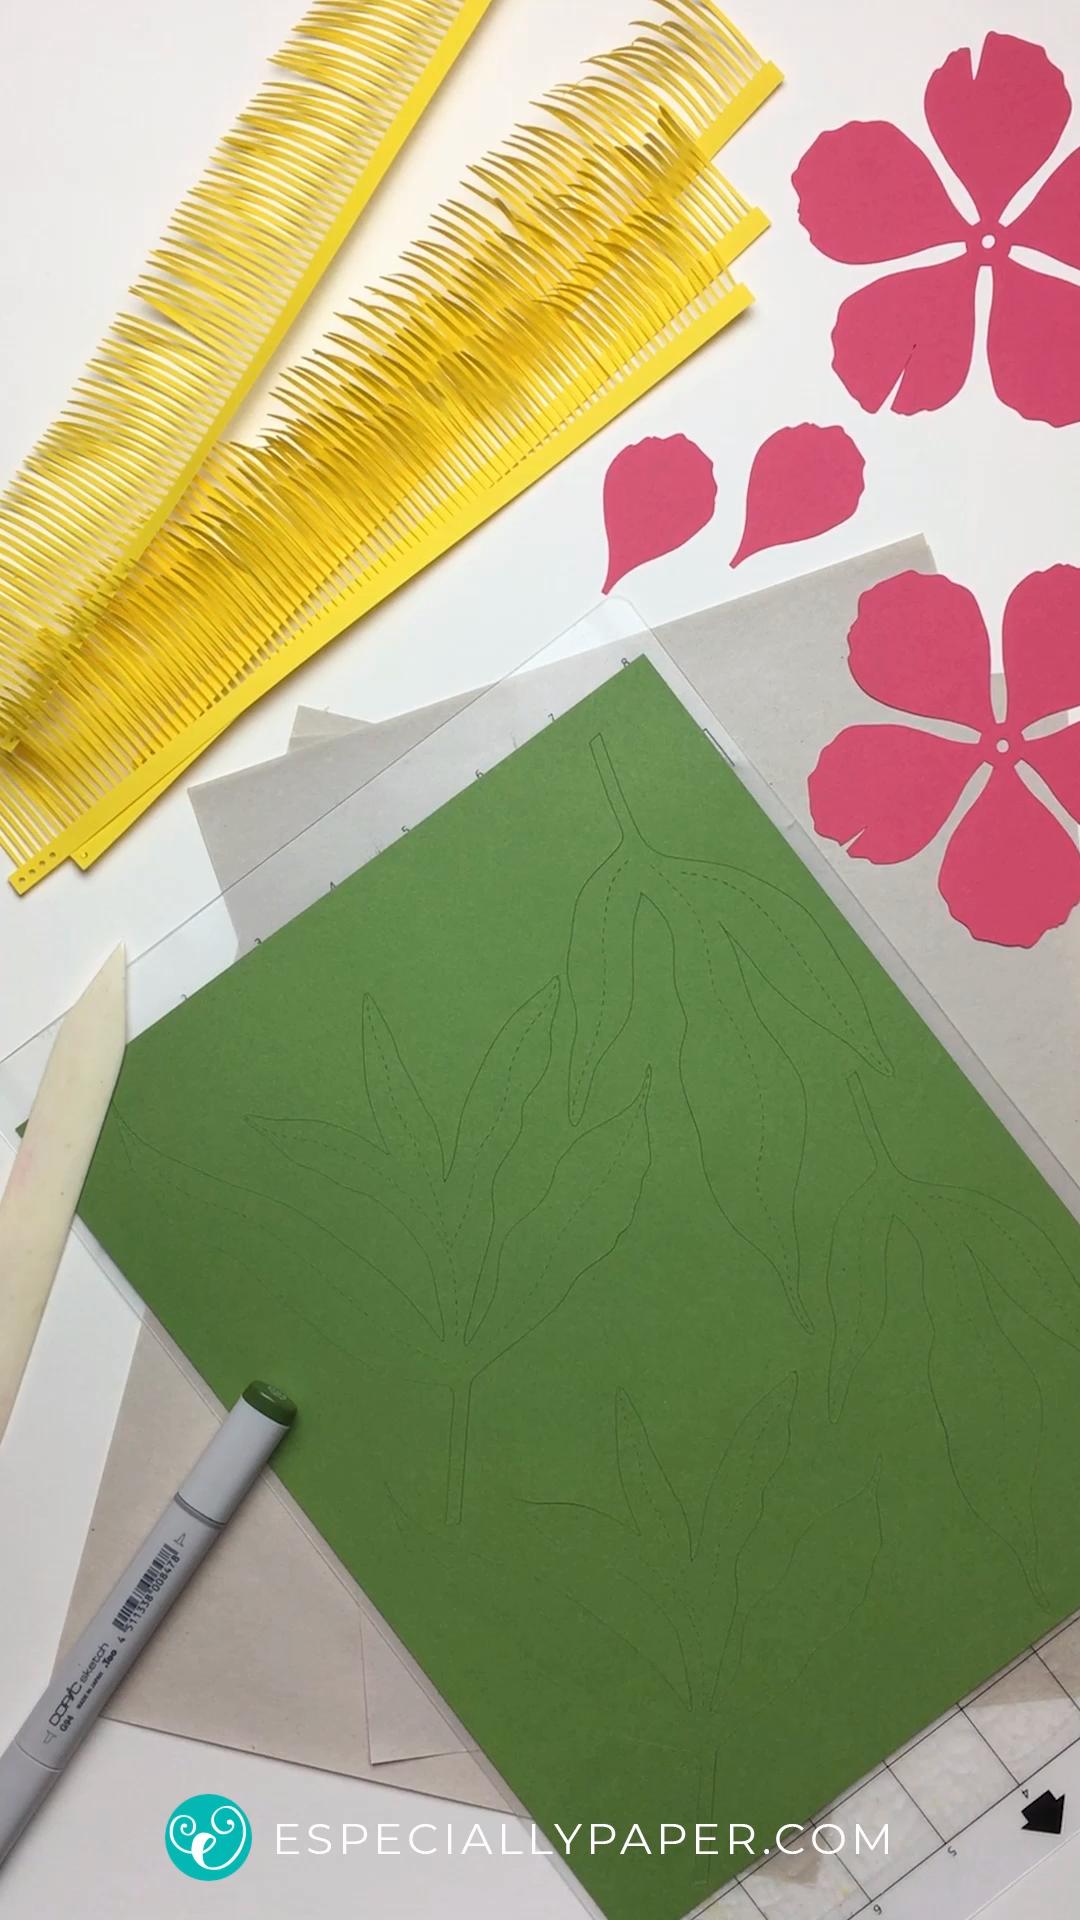 Papier blume Tutorial und SVGVorlage zu Händen